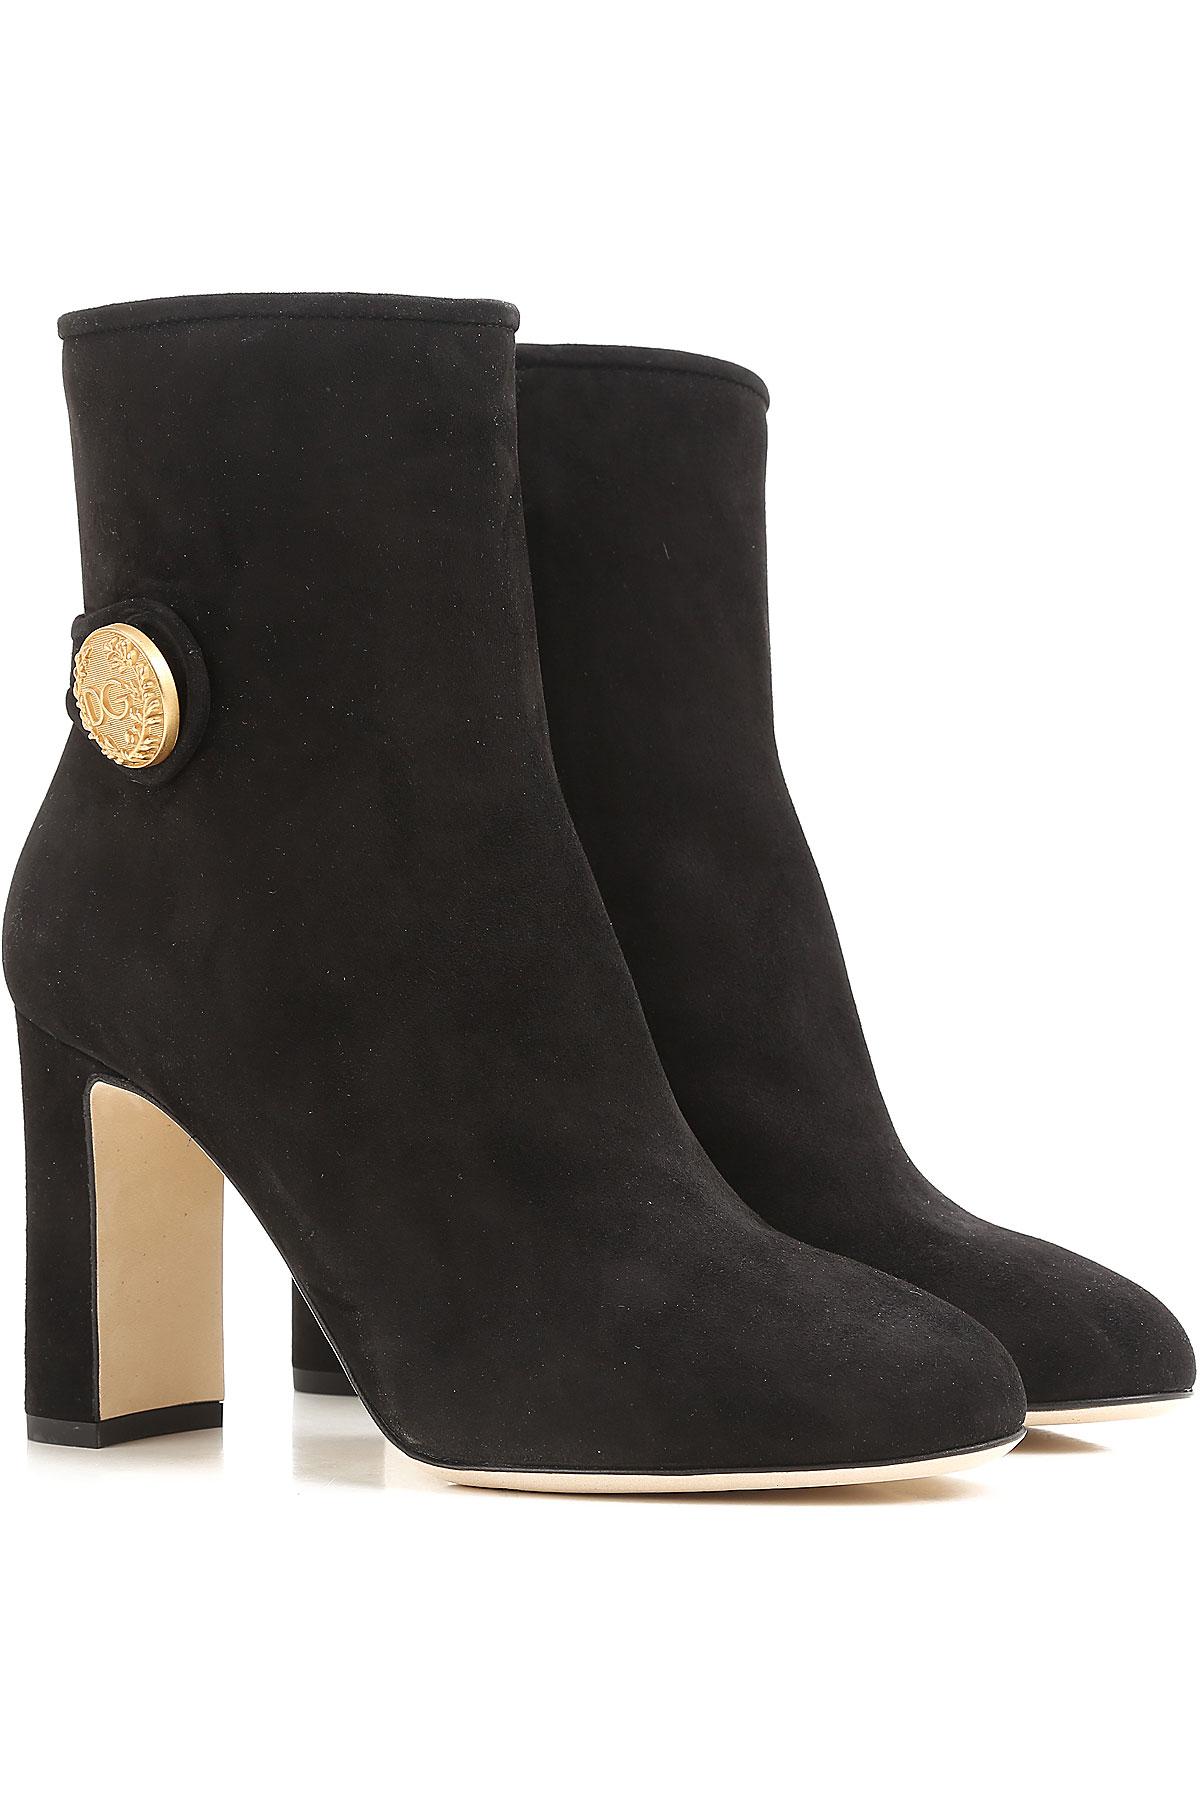 Dolce & Gabbana Kadınlar İçin Çizme Ve Botlar İndirimli Satış, Siyah, Süet, 2019, 10 8